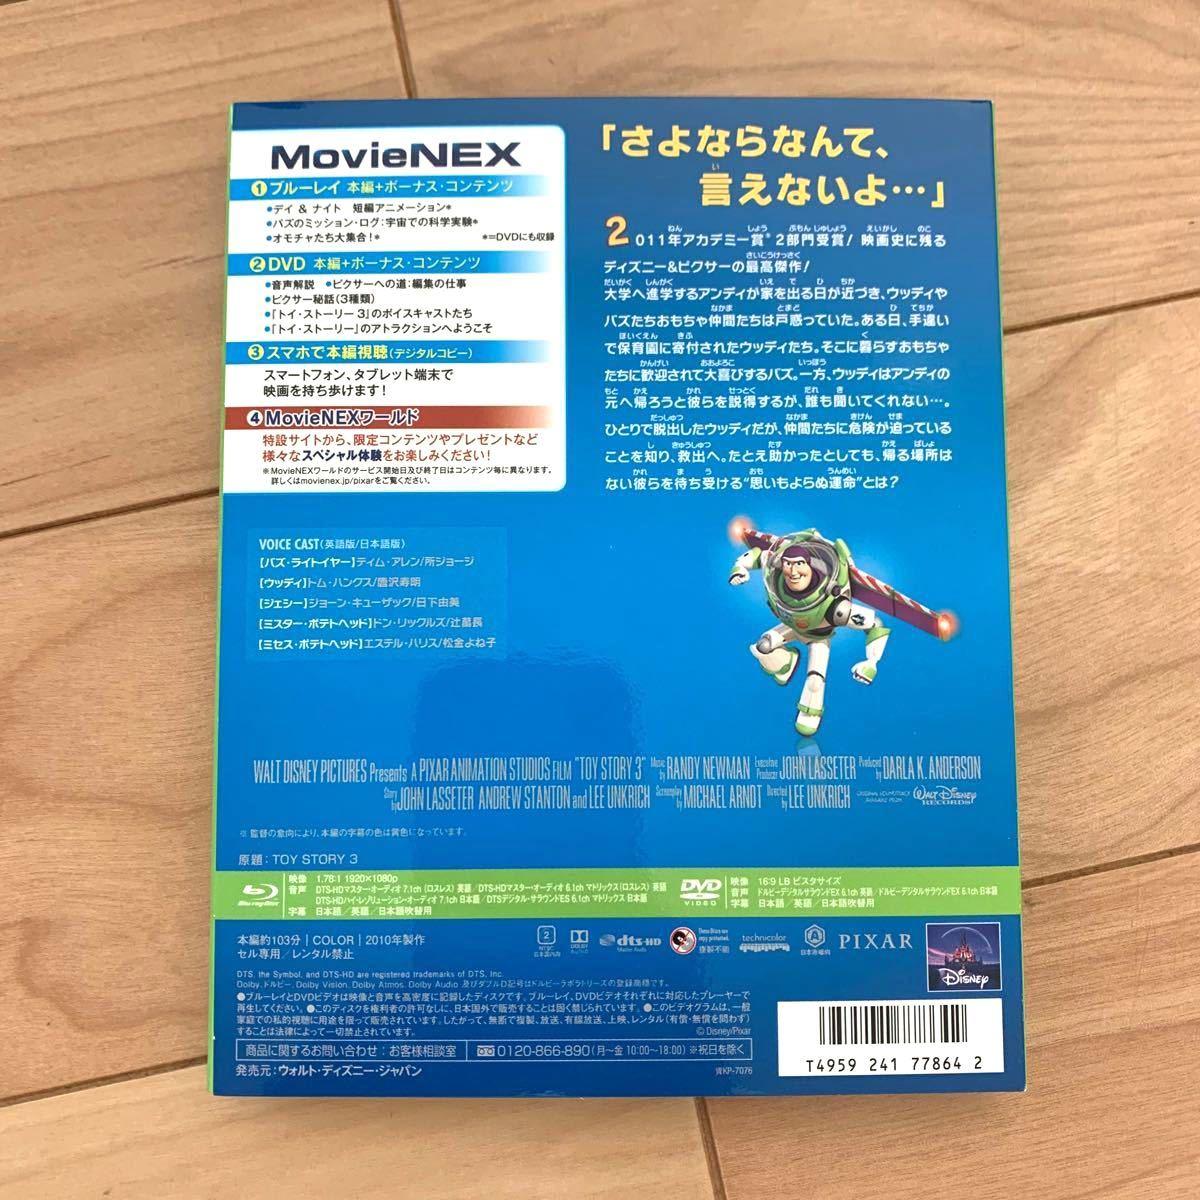 トイ・ストーリー3 ブルーレイ+純正ケース【国内正規版】新品未再生 限定アウターケース付き MovieNEX Blu-ray